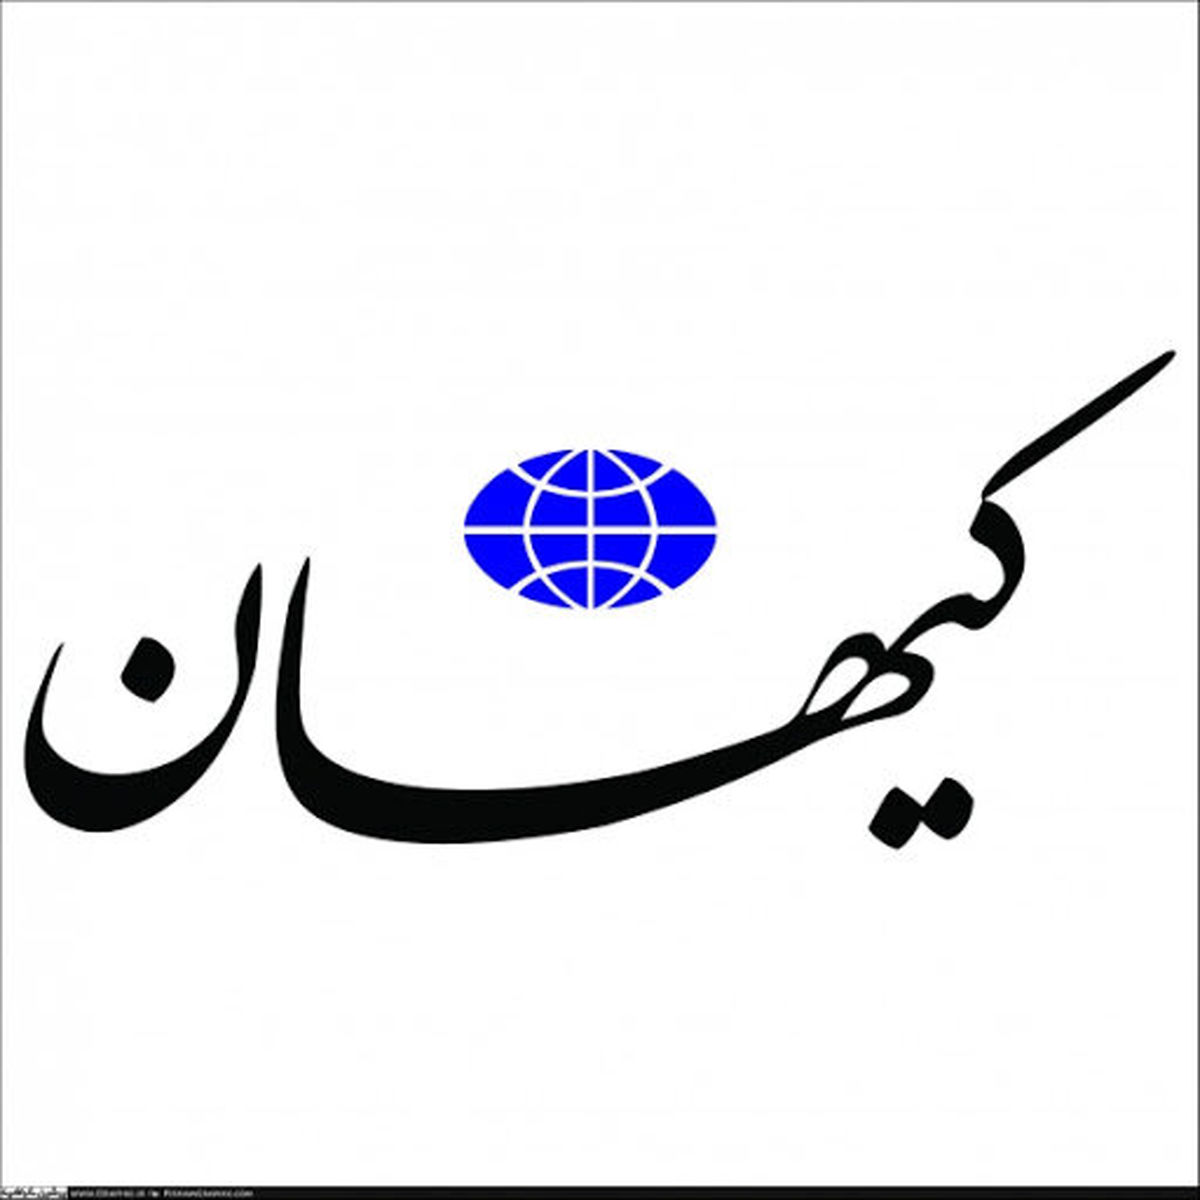 توپخانه کیهان علیه رسانه های رقیب/ پایگاه دشمنند و آب به آسیاب آن می ریزند